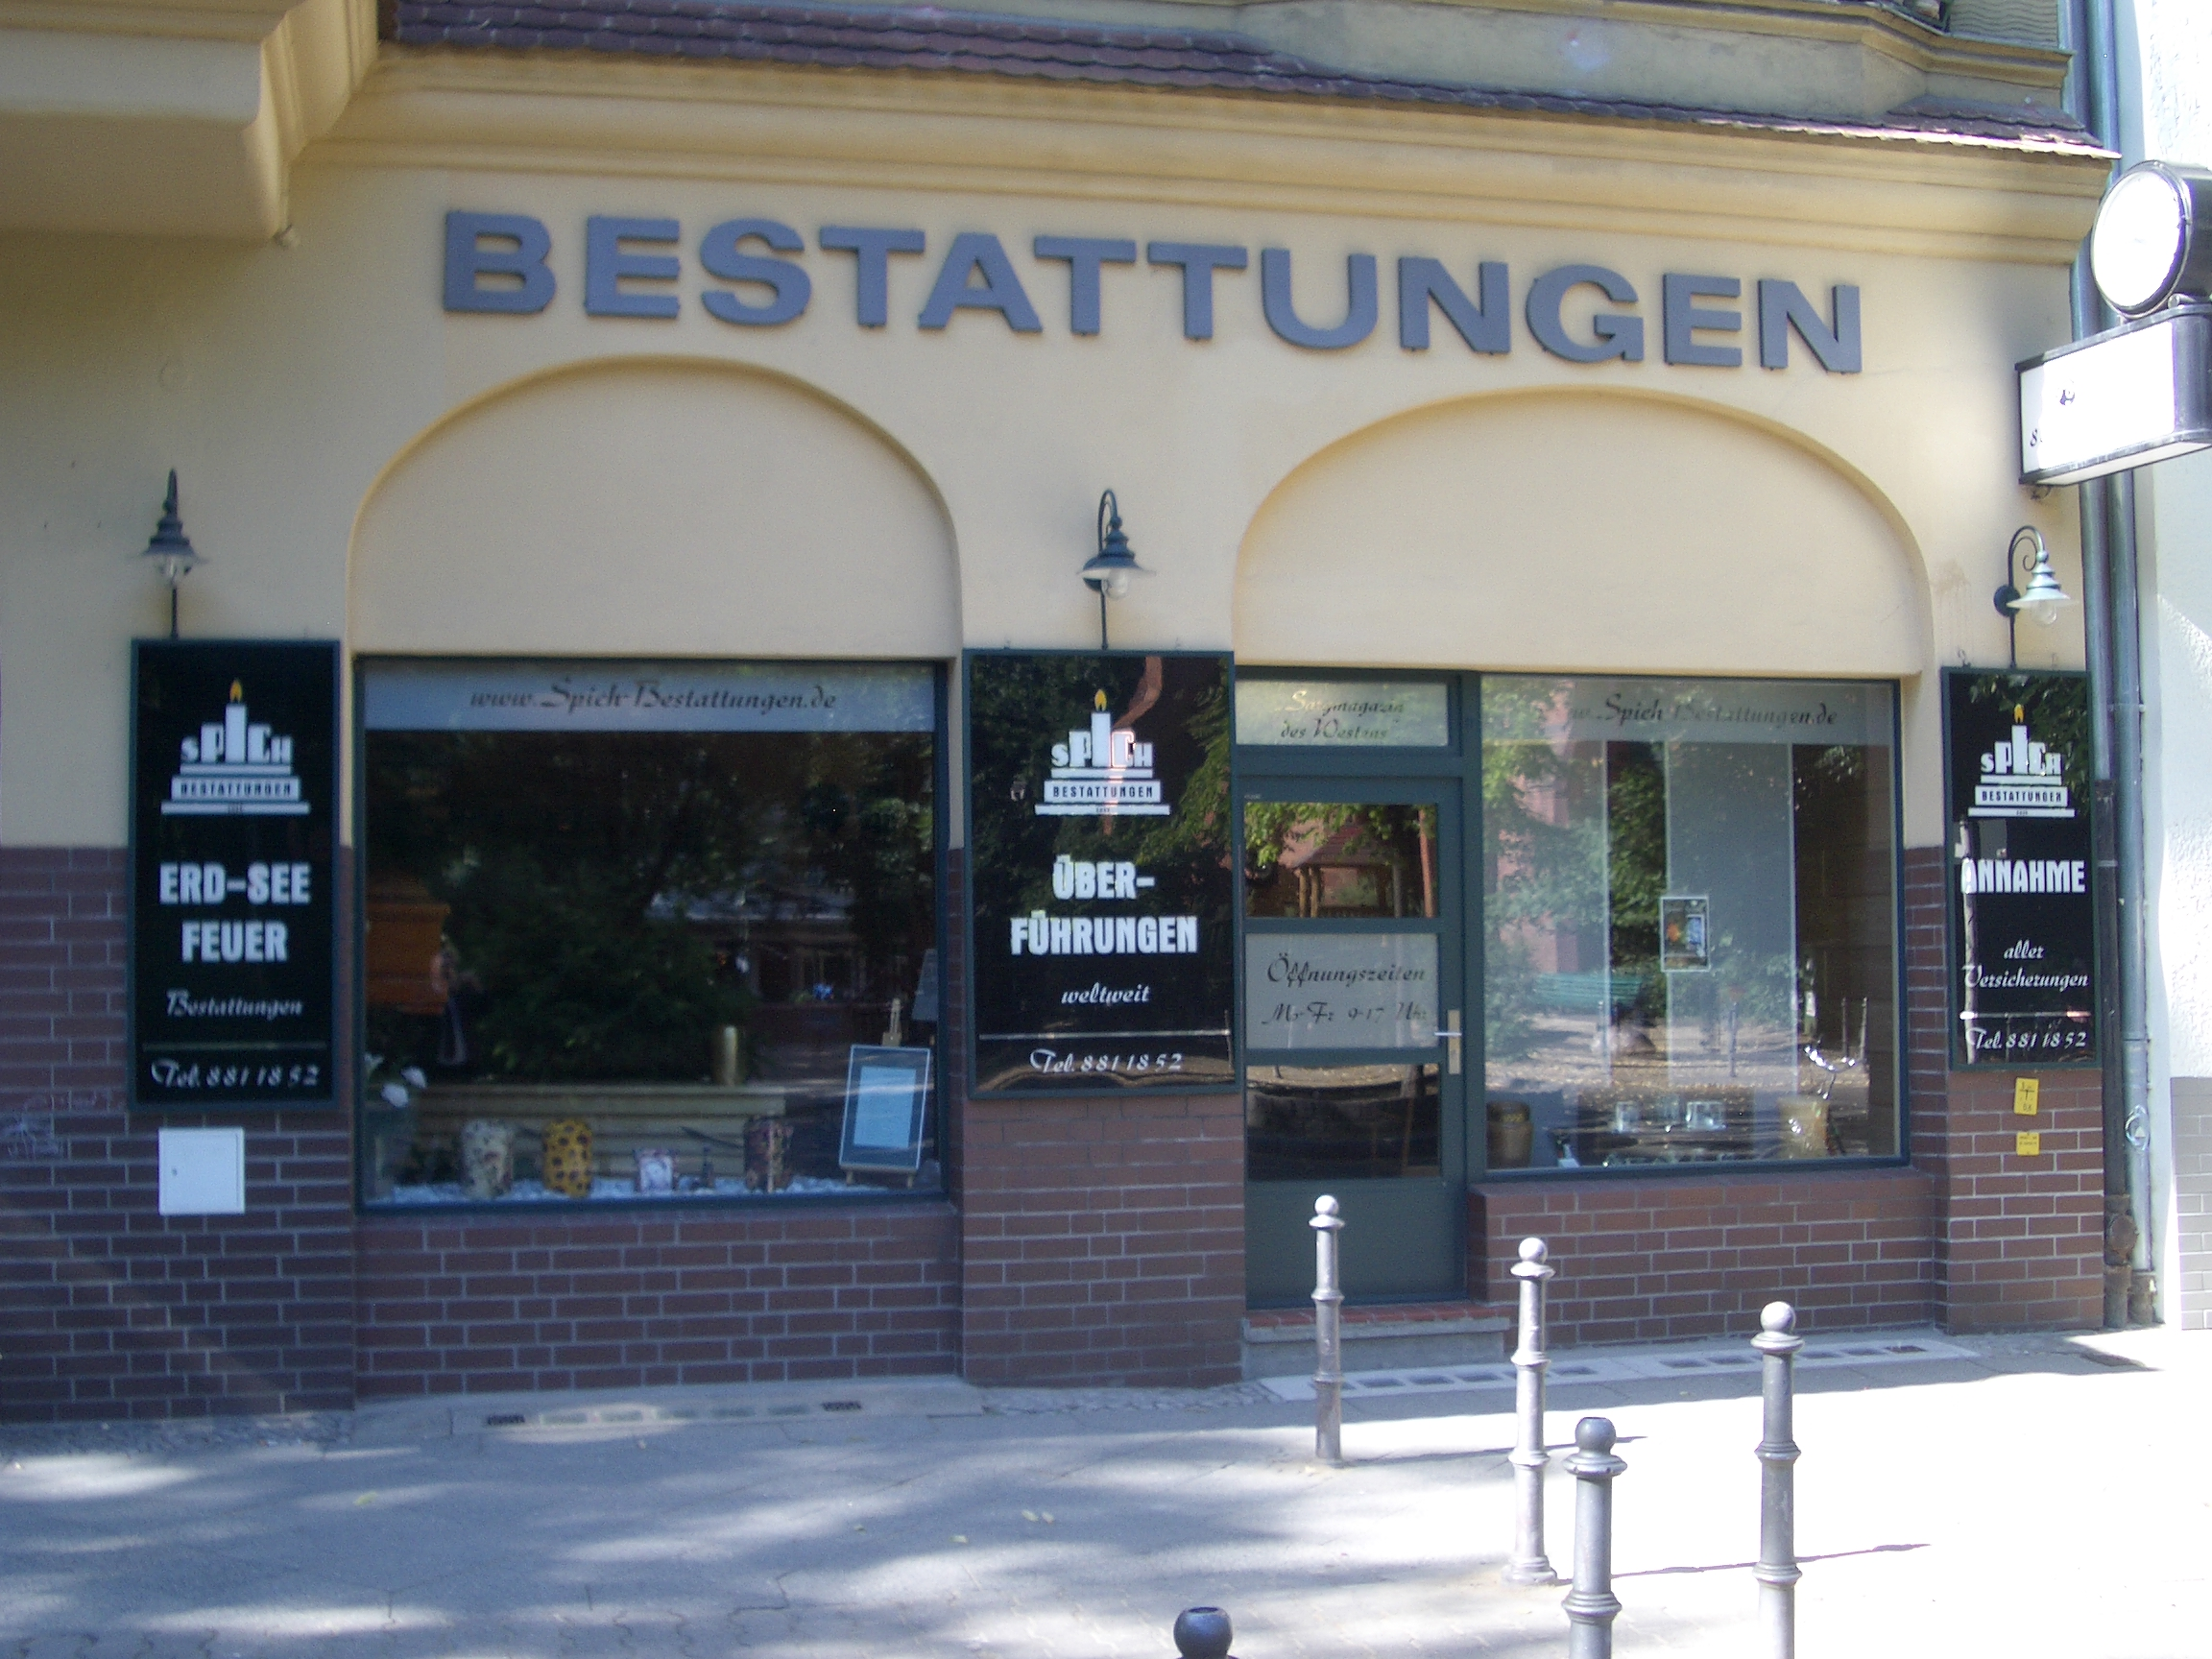 Bestattungen in Wilmersdorf